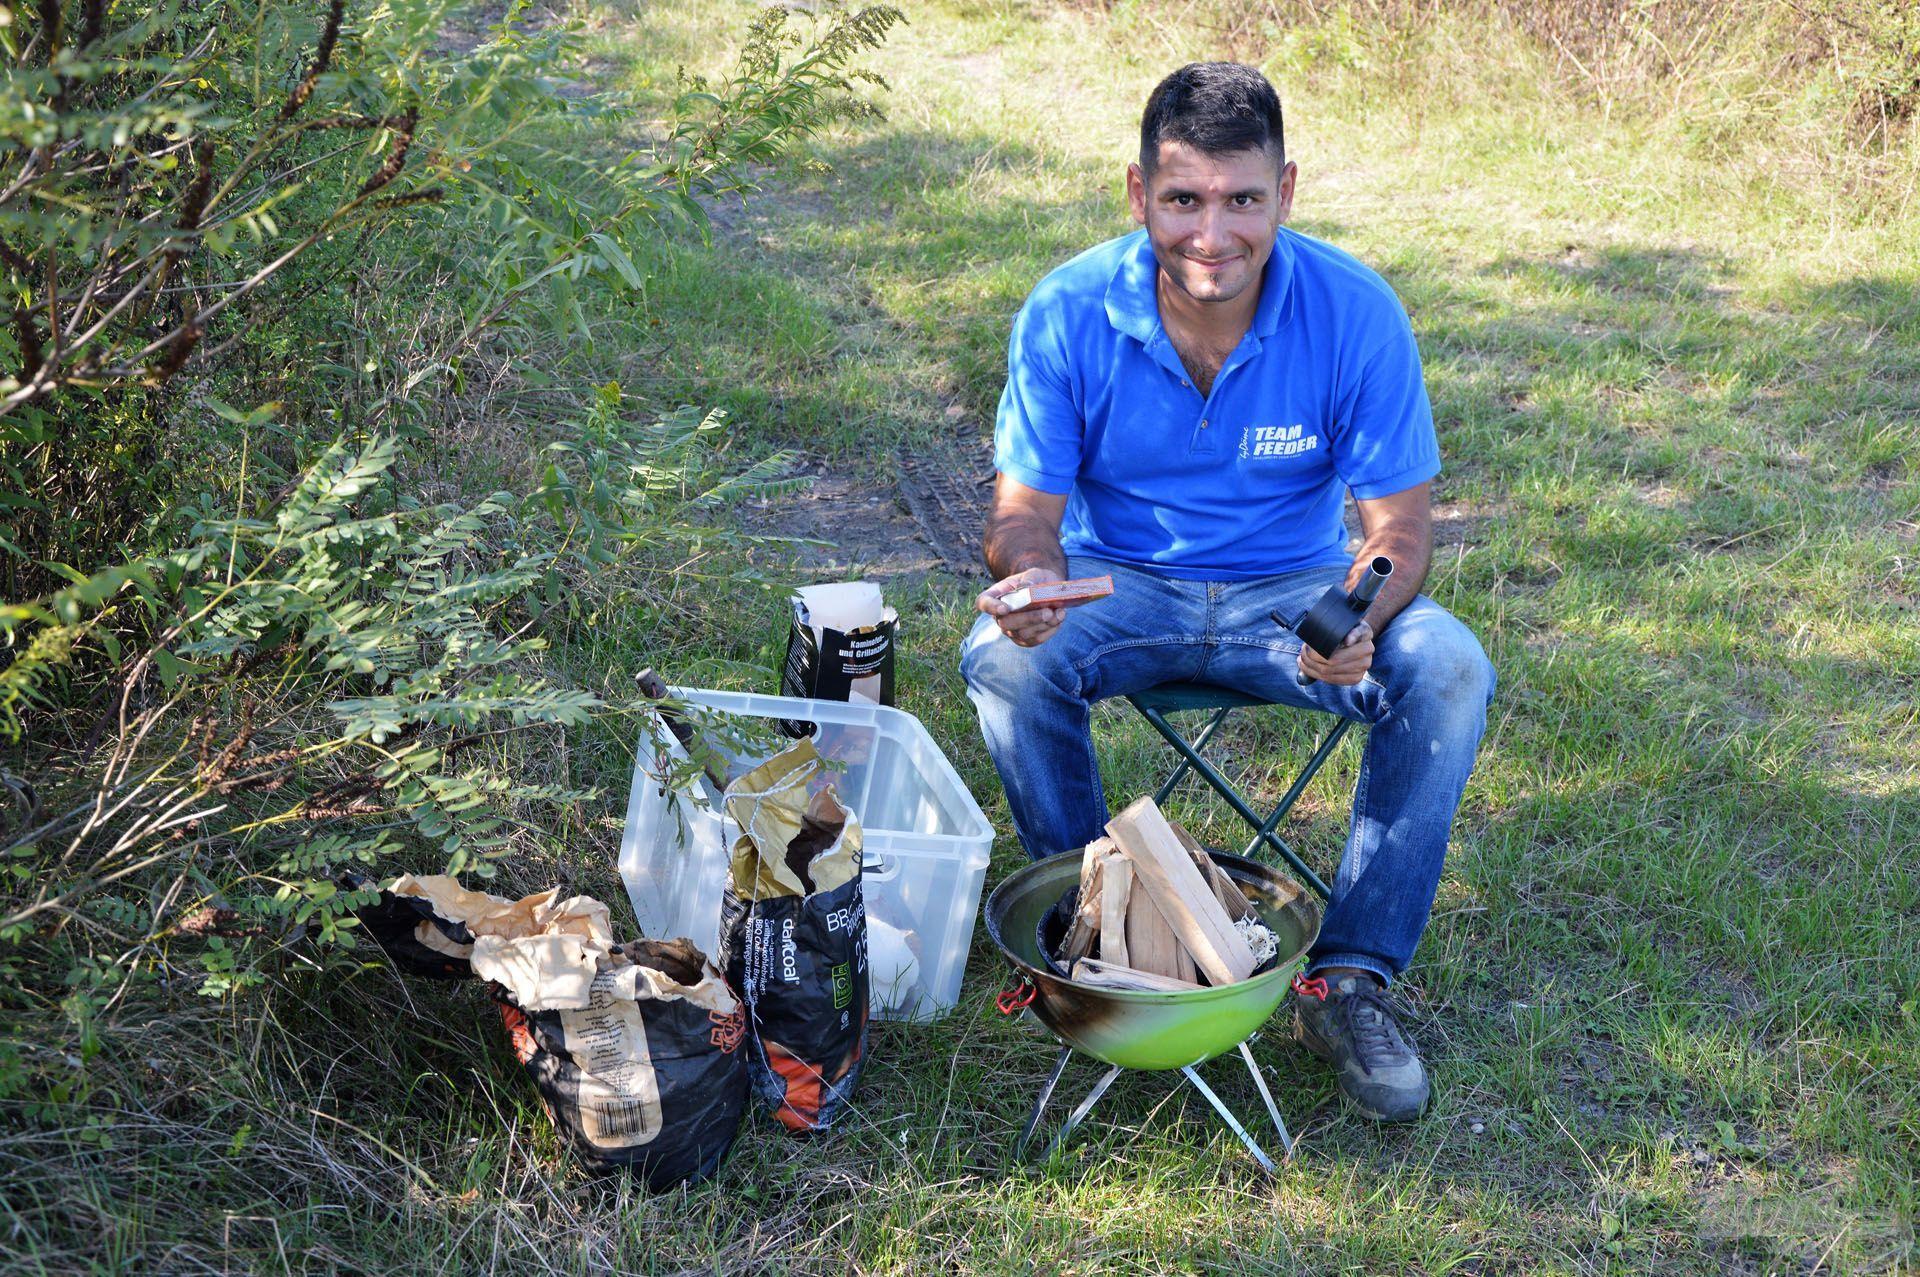 """Zoli nemcsak a horgászatban jeleskedik, hanem a """"tábori étkeztetésben"""" is"""